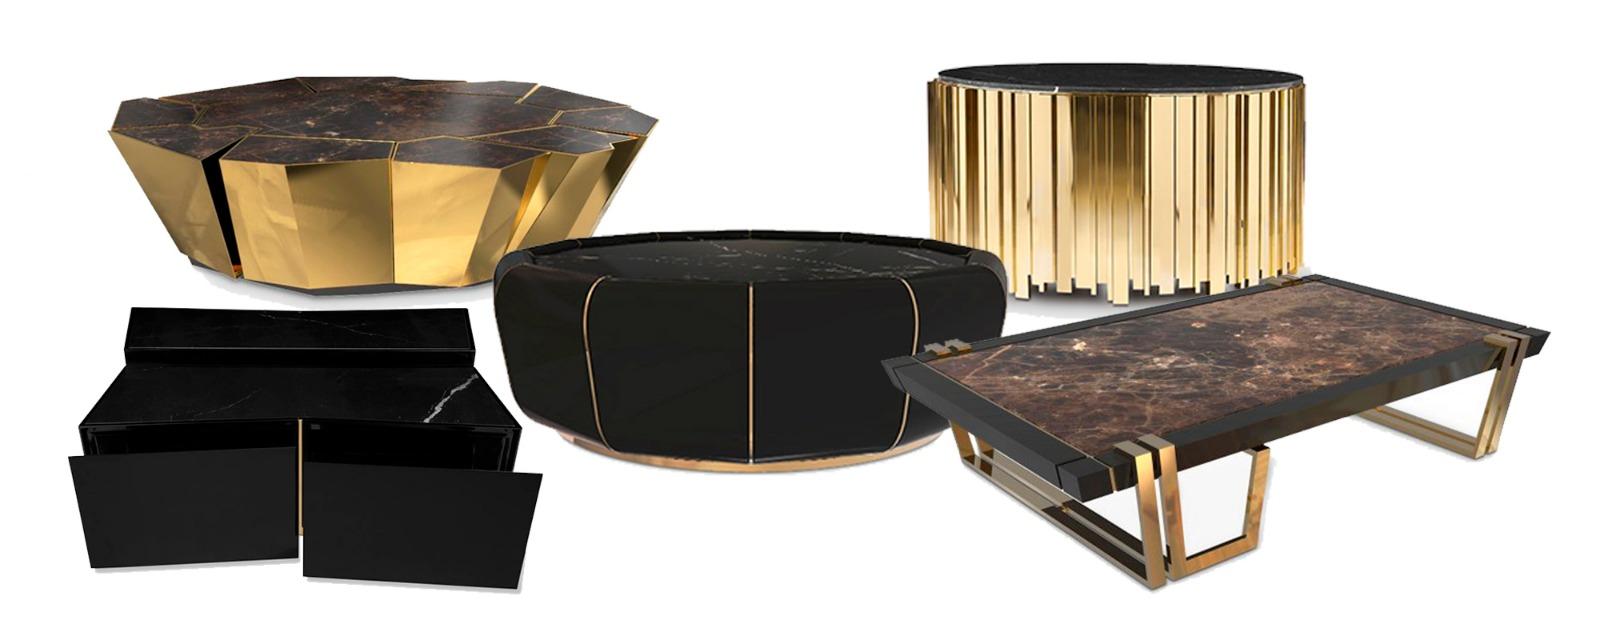 Tendencias para decorar: Cinco mesas de centro de lujo Tendencias para decorar Tendencias para decorar: Cinco mesas de centro de lujo Featured 9